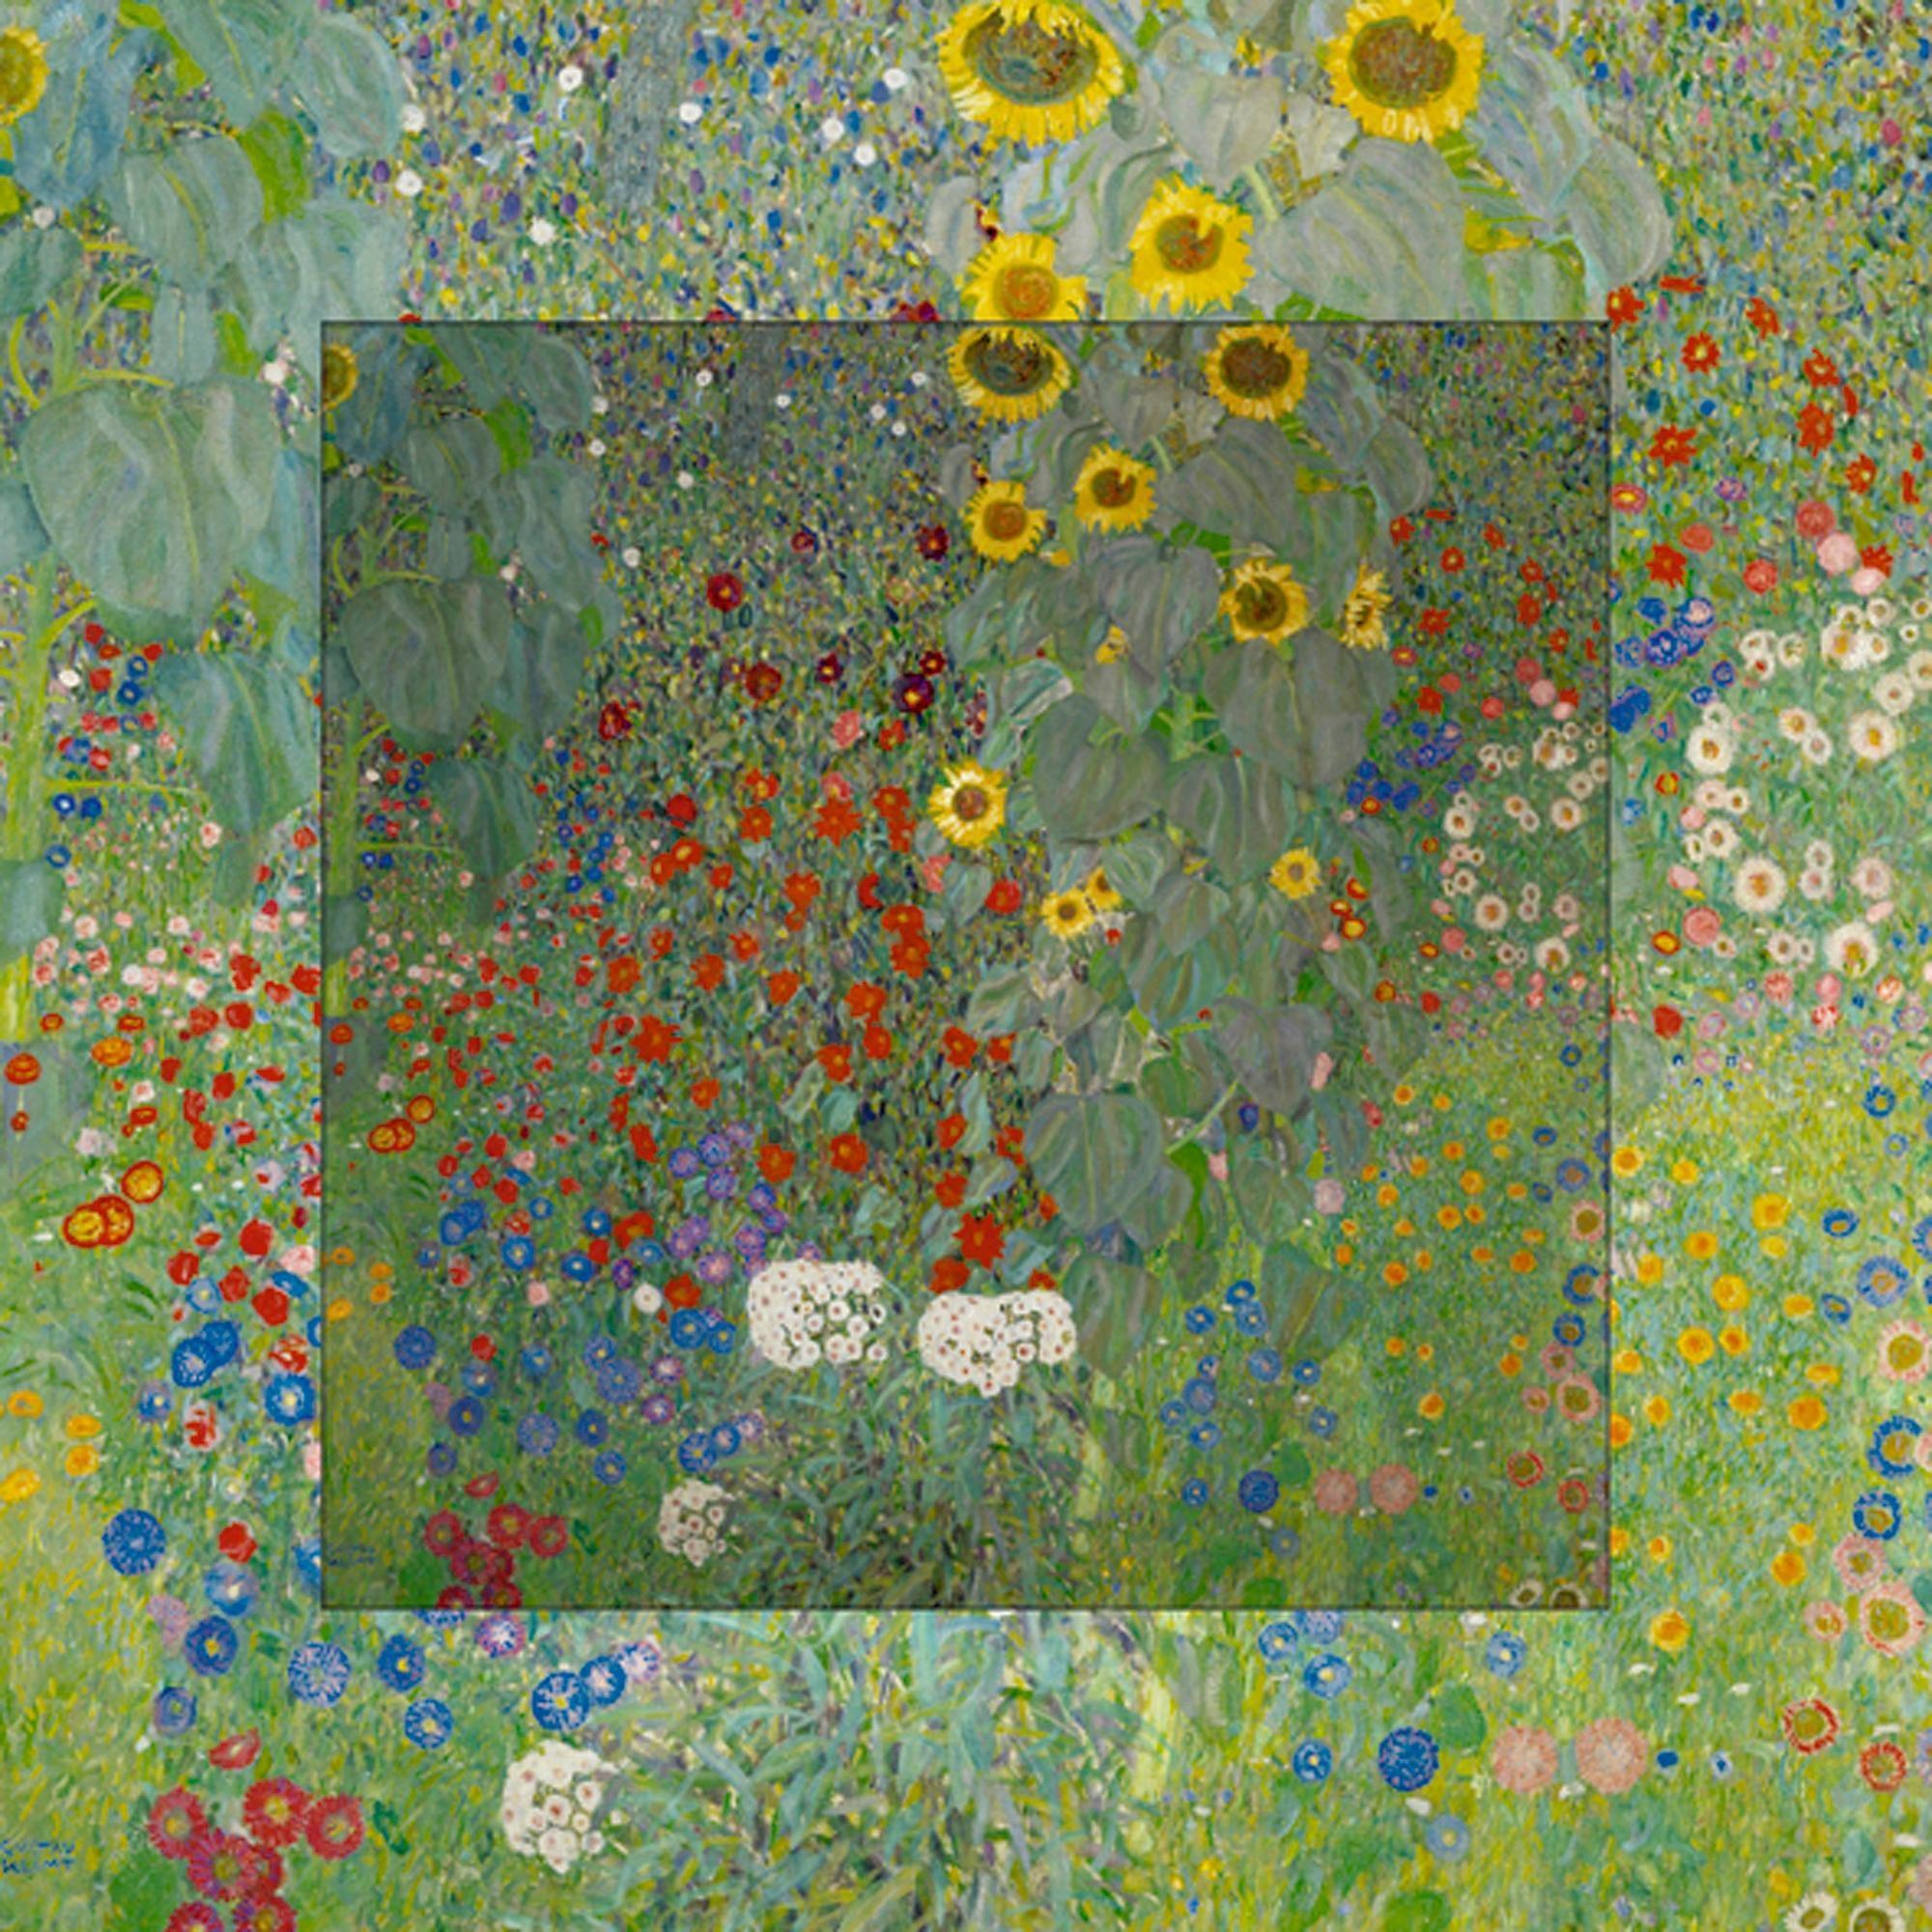 Home affaire Bild, Kunstdruck »G. Klimt: Garten mit Sonnenblumen«, 50,4/50,4 cm